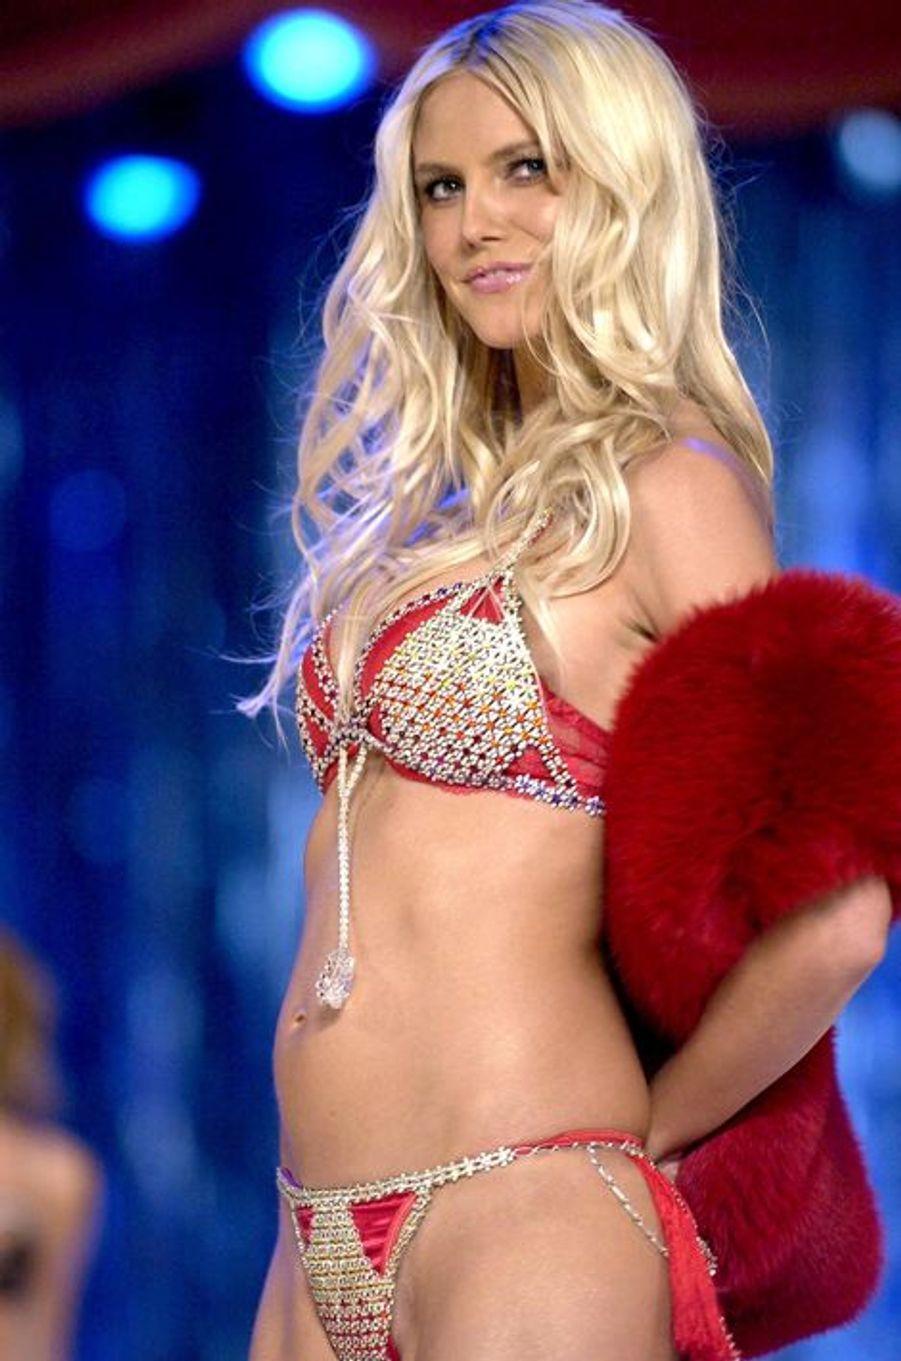 """Heidi Klum en 2003 : un """"Very Sexy Fantasy Bra"""" estimé 11 millions de dollars"""